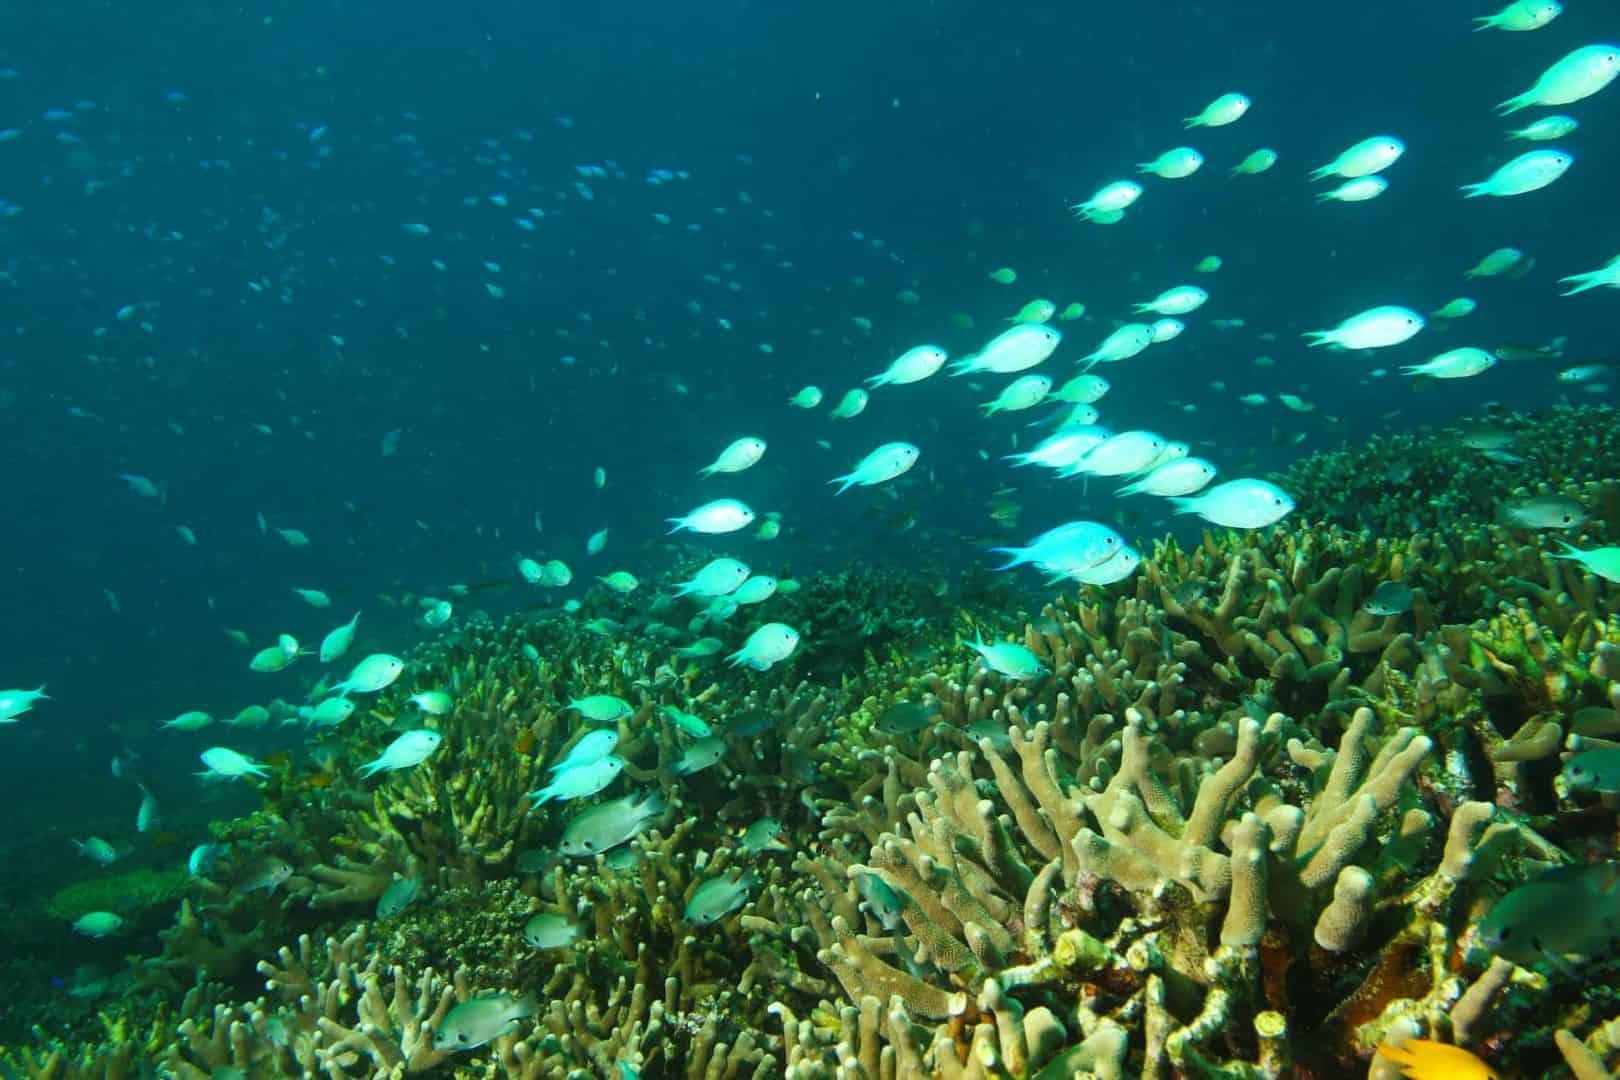 154 : Expeditionen zu den Biotopen der Aquarienfische Teil 2 (Heiko Blessin) 72